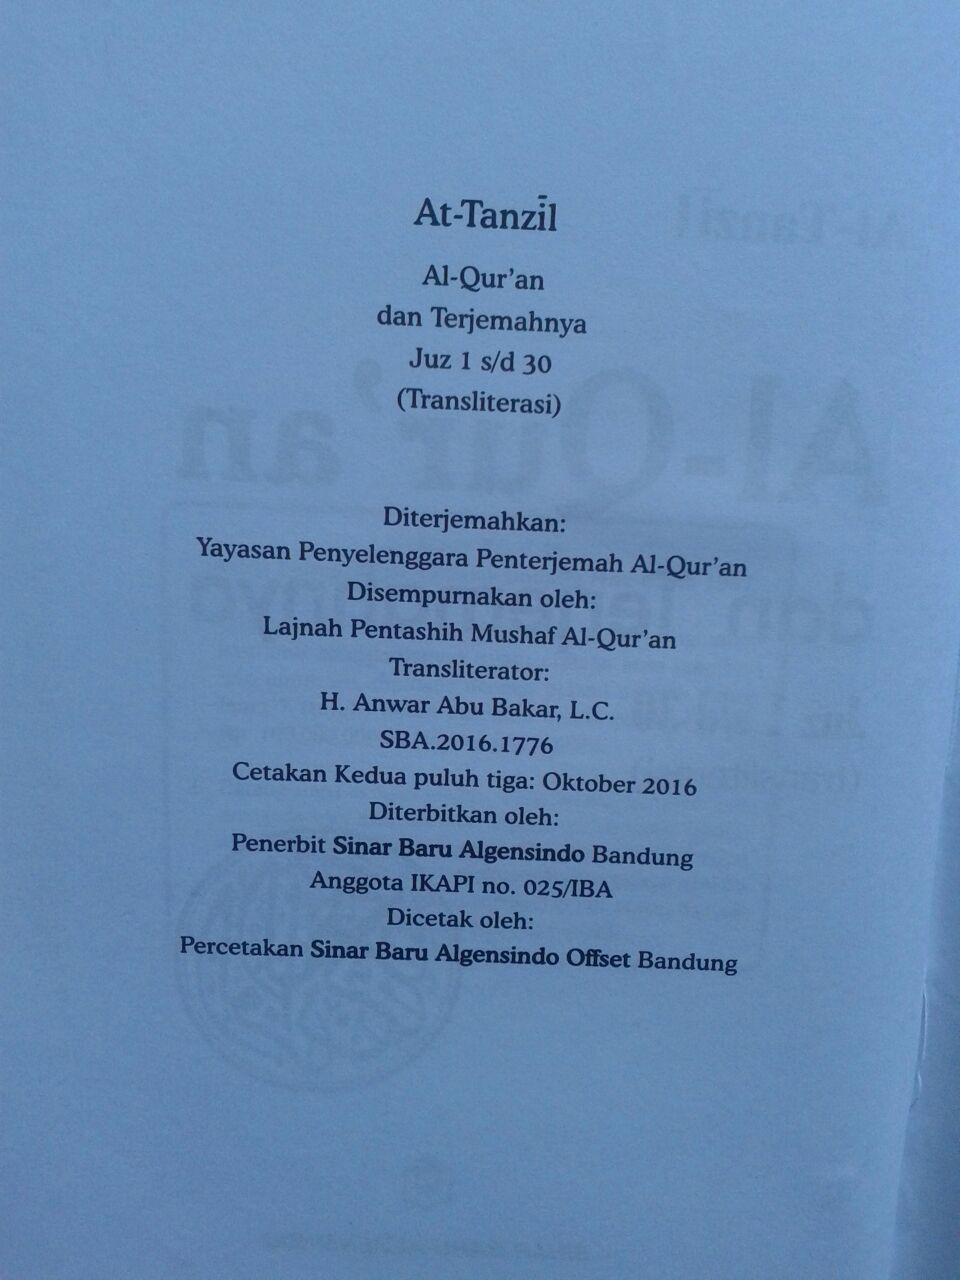 Al-Qur'an Dan Terjemahnya Serta Transliterasi At-Tanzil isi 2